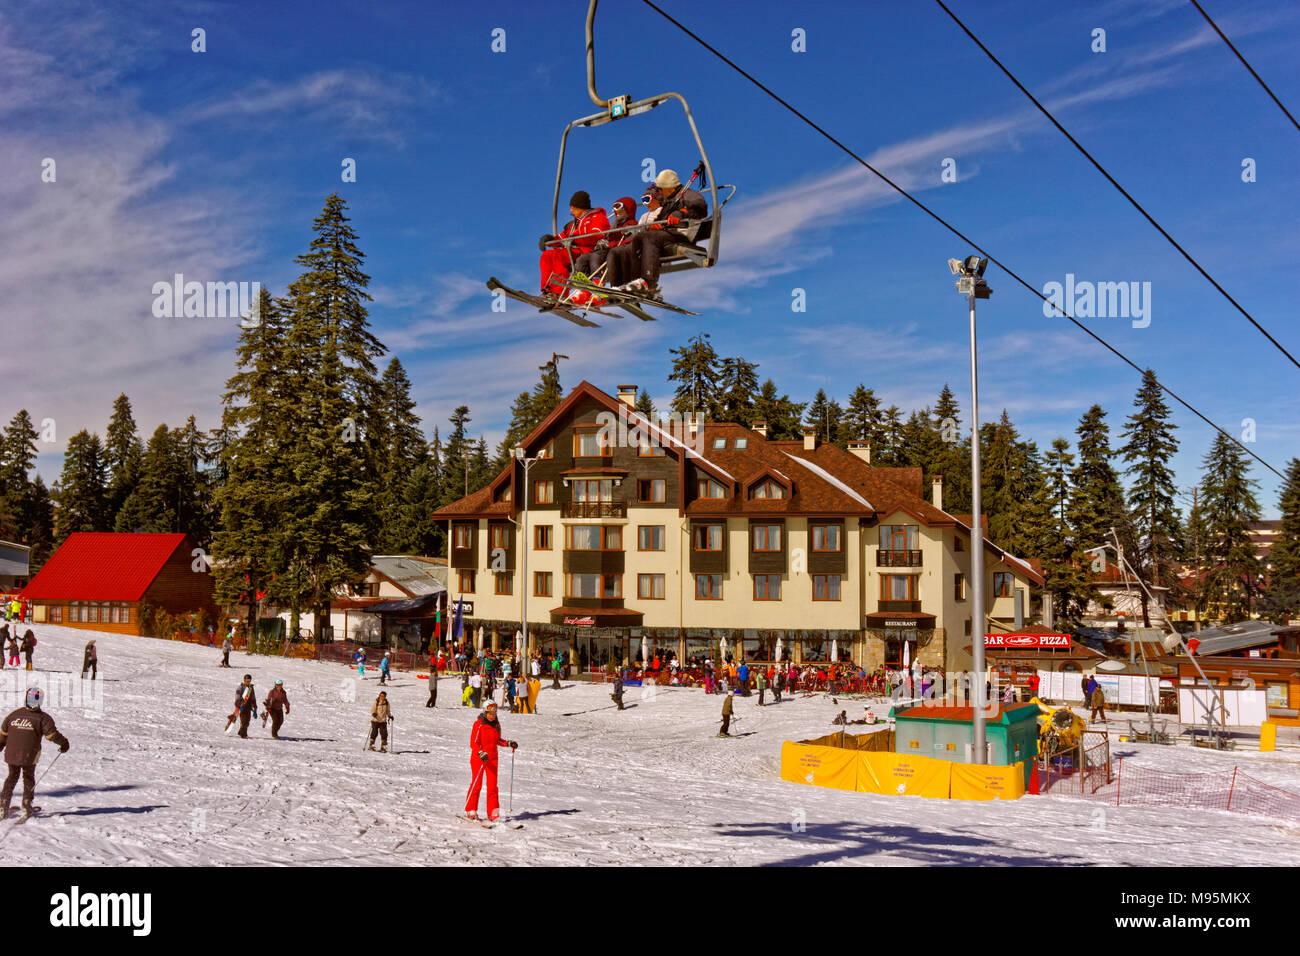 Hôtel Ice Angels et Martinovi Baraki au télésiège de ski Borovets, Bulgarie, Targovishte. Photo Stock